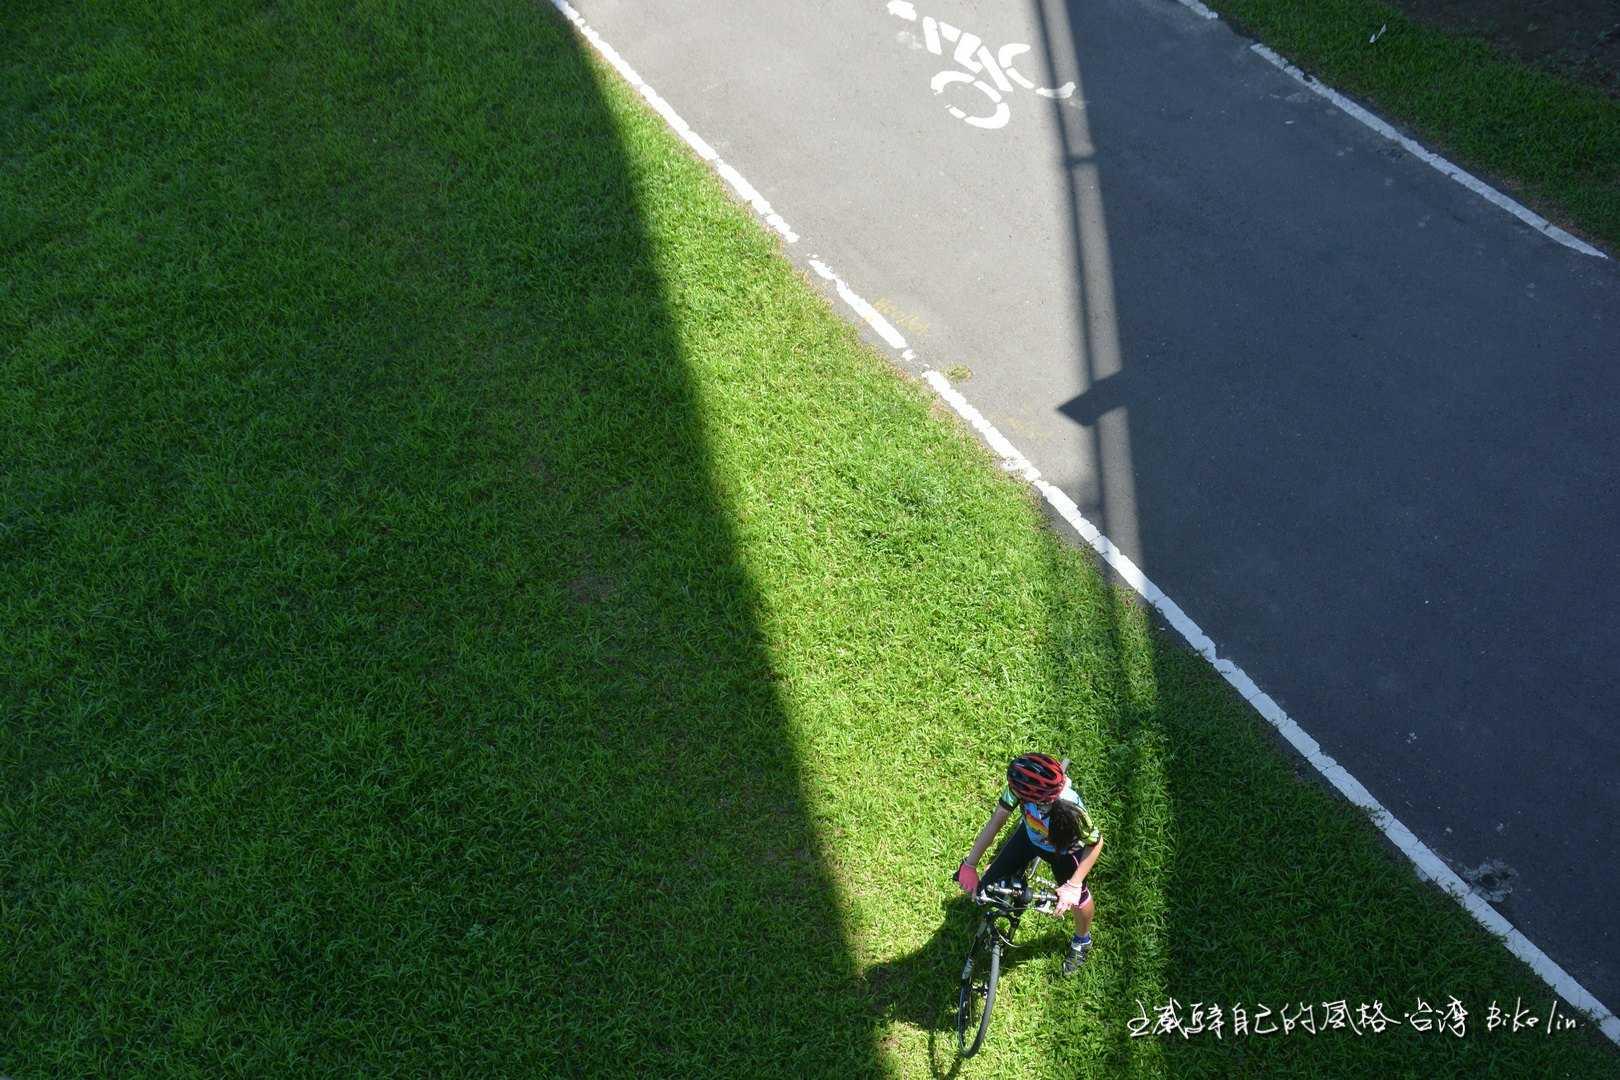 Day 1:台北-新北板橋-新莊【台北市、新北市城市微旅行】——台北城 – 三百年縮版台灣